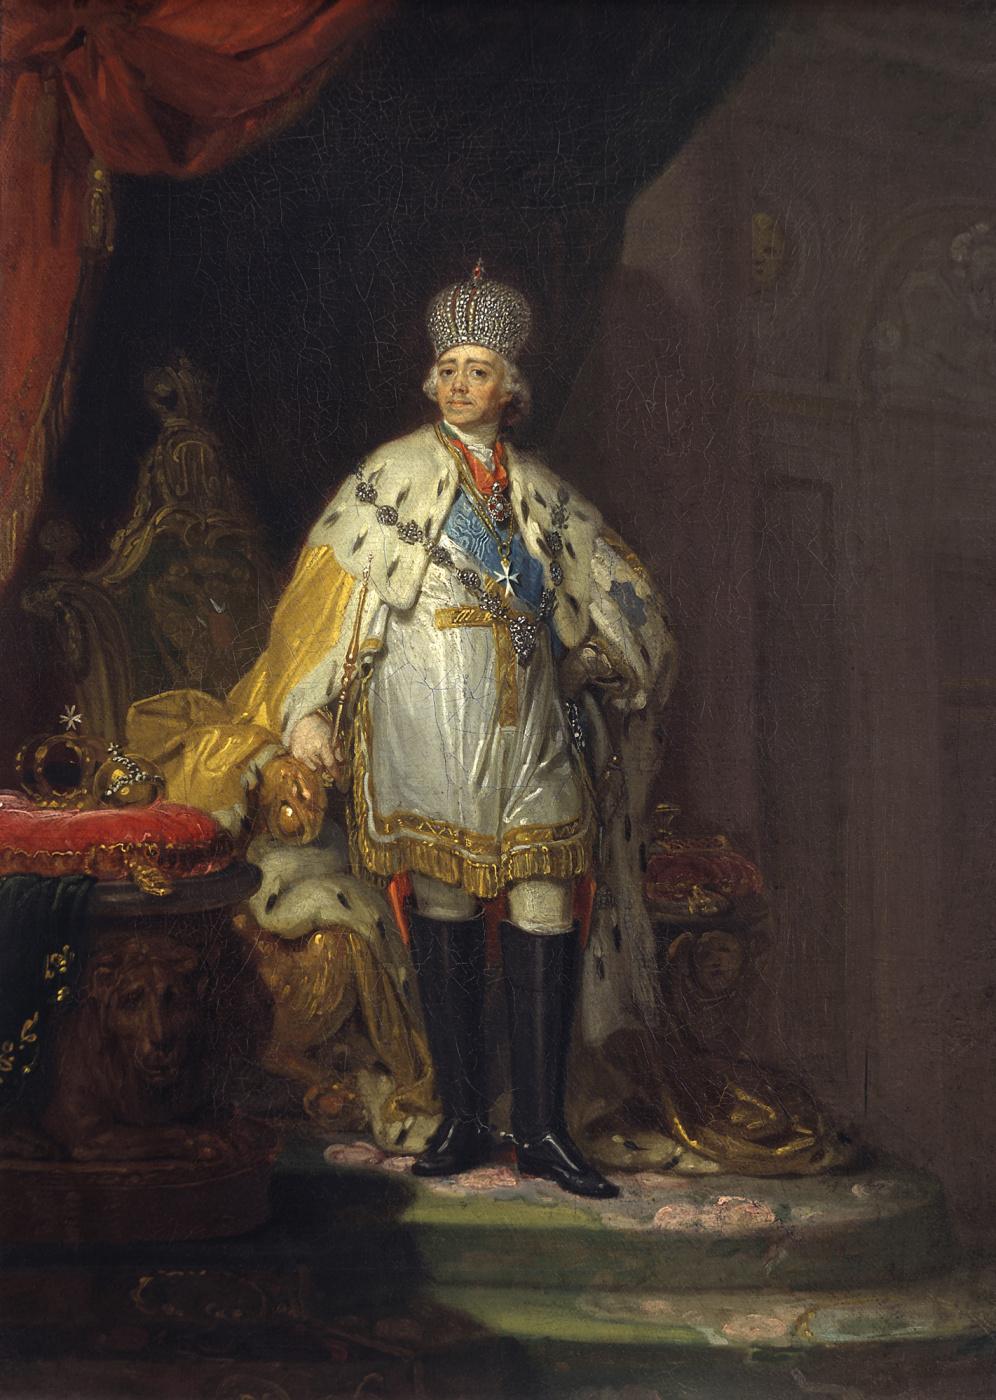 Vladimir Borovikovsky. Portrait of Paul I in a white dalmatic